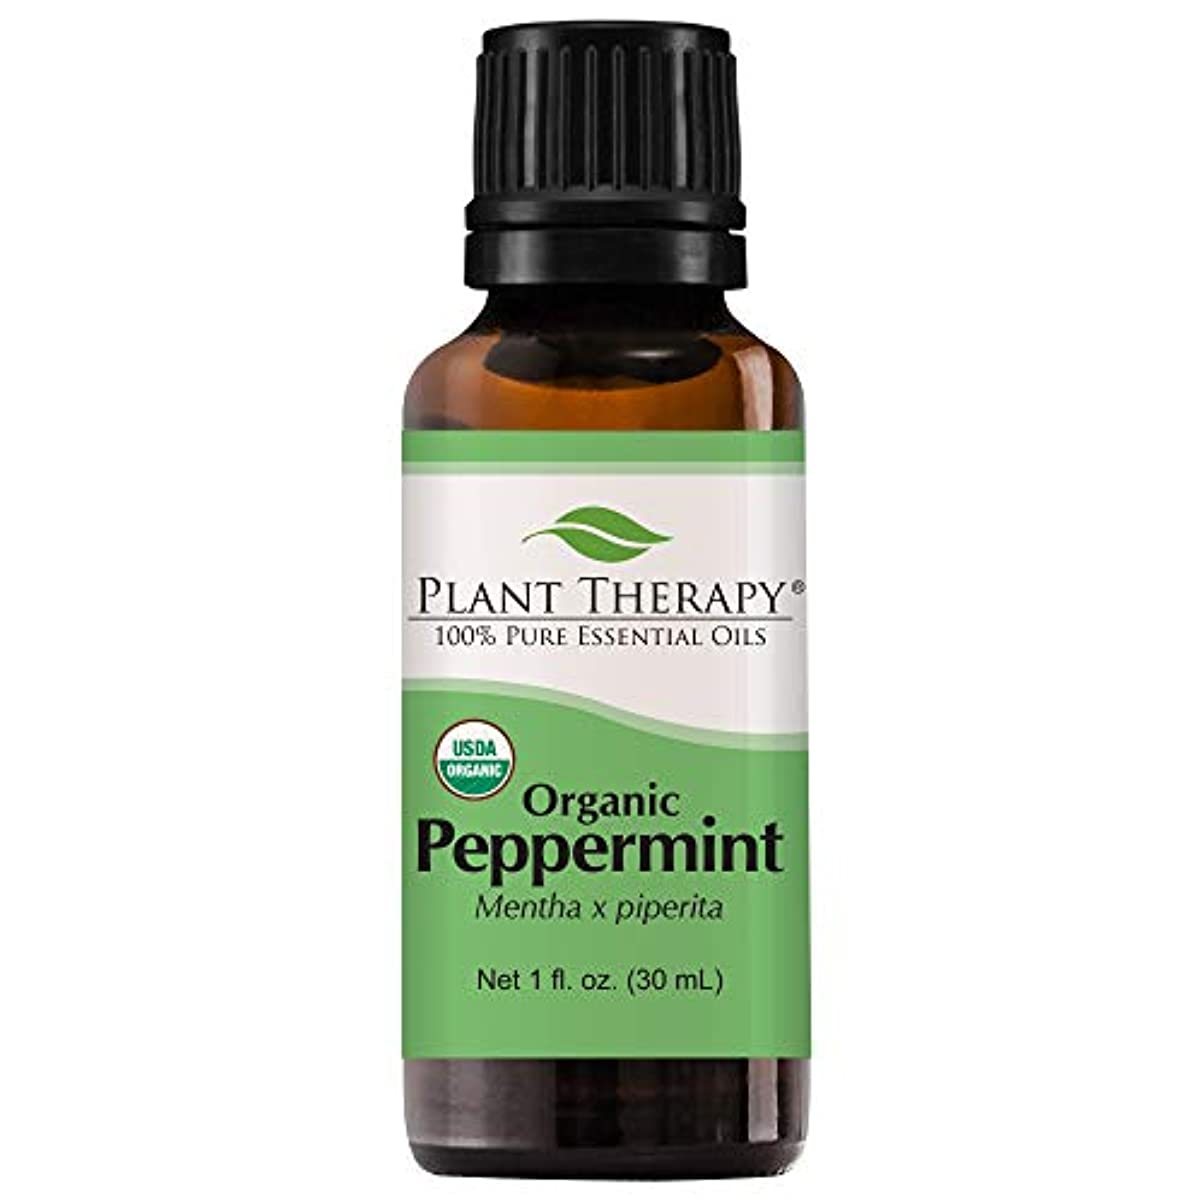 断線ギャップ体系的に植物セラピーUSDA認定オーガニックペパーミントエッセンシャルオイル。 100%ピュア、希釈していない、治療グレード。 30mLの(1オンス)。